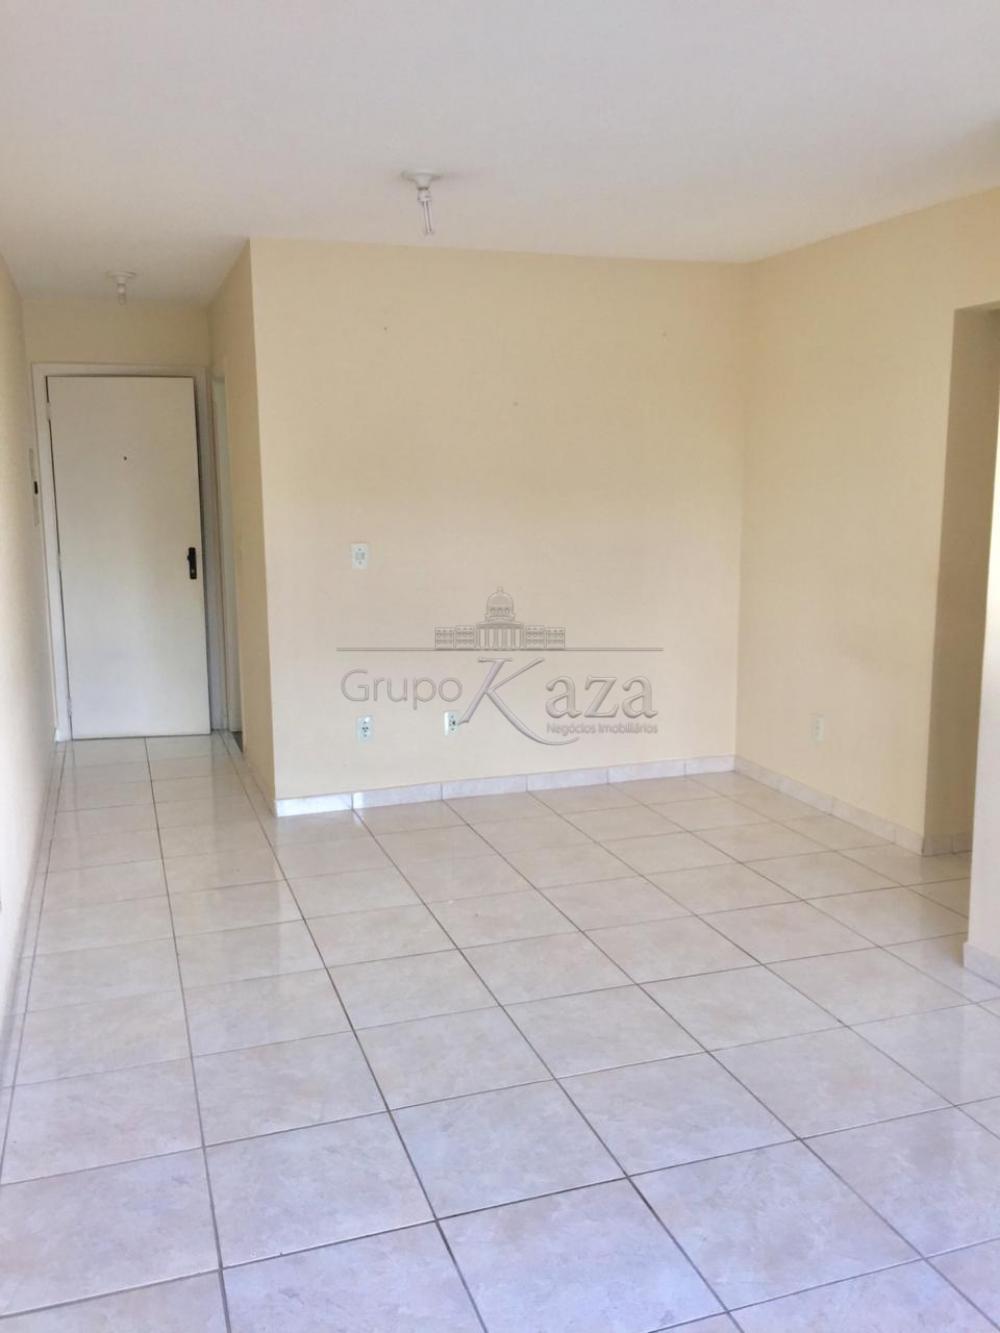 Comprar Apartamento / Padrão em São José dos Campos apenas R$ 260.000,00 - Foto 3